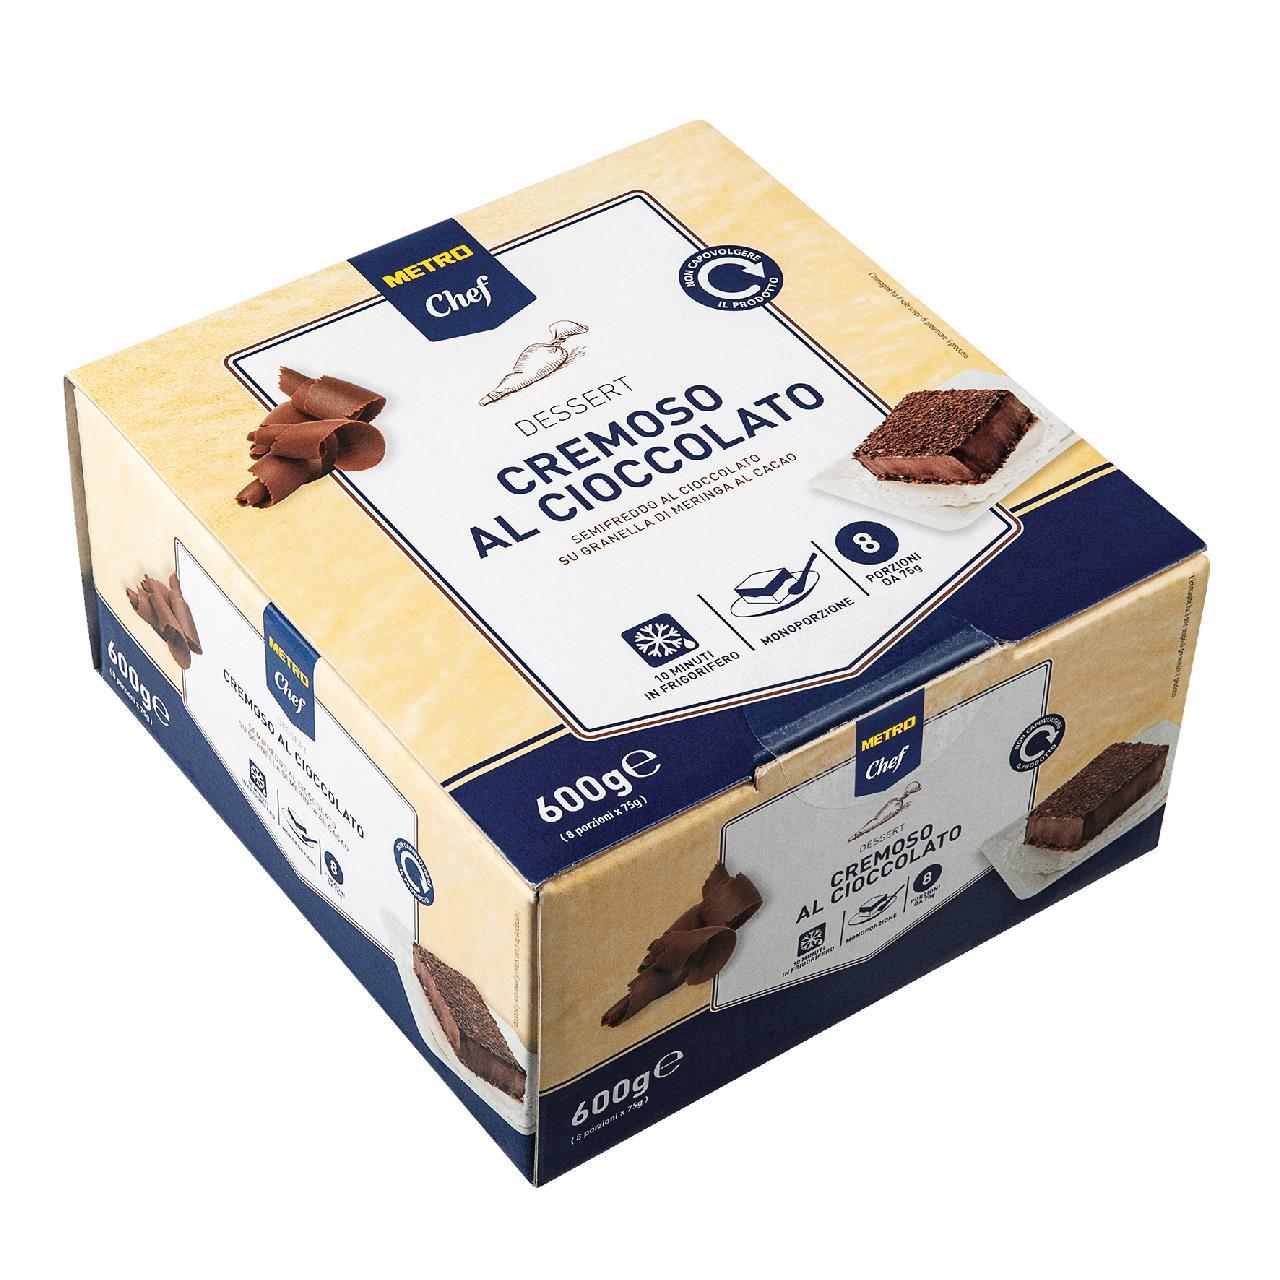 Торт METRO CHEF Шоколадный, 600 г